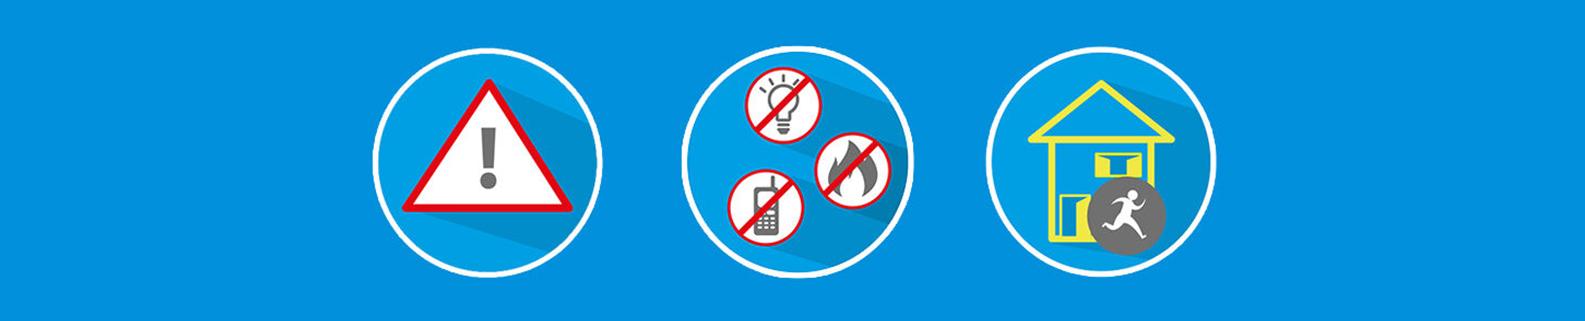 Sicherheitshinweise - Keine Panik - Keine Funken, Flammen - Haus verlassen